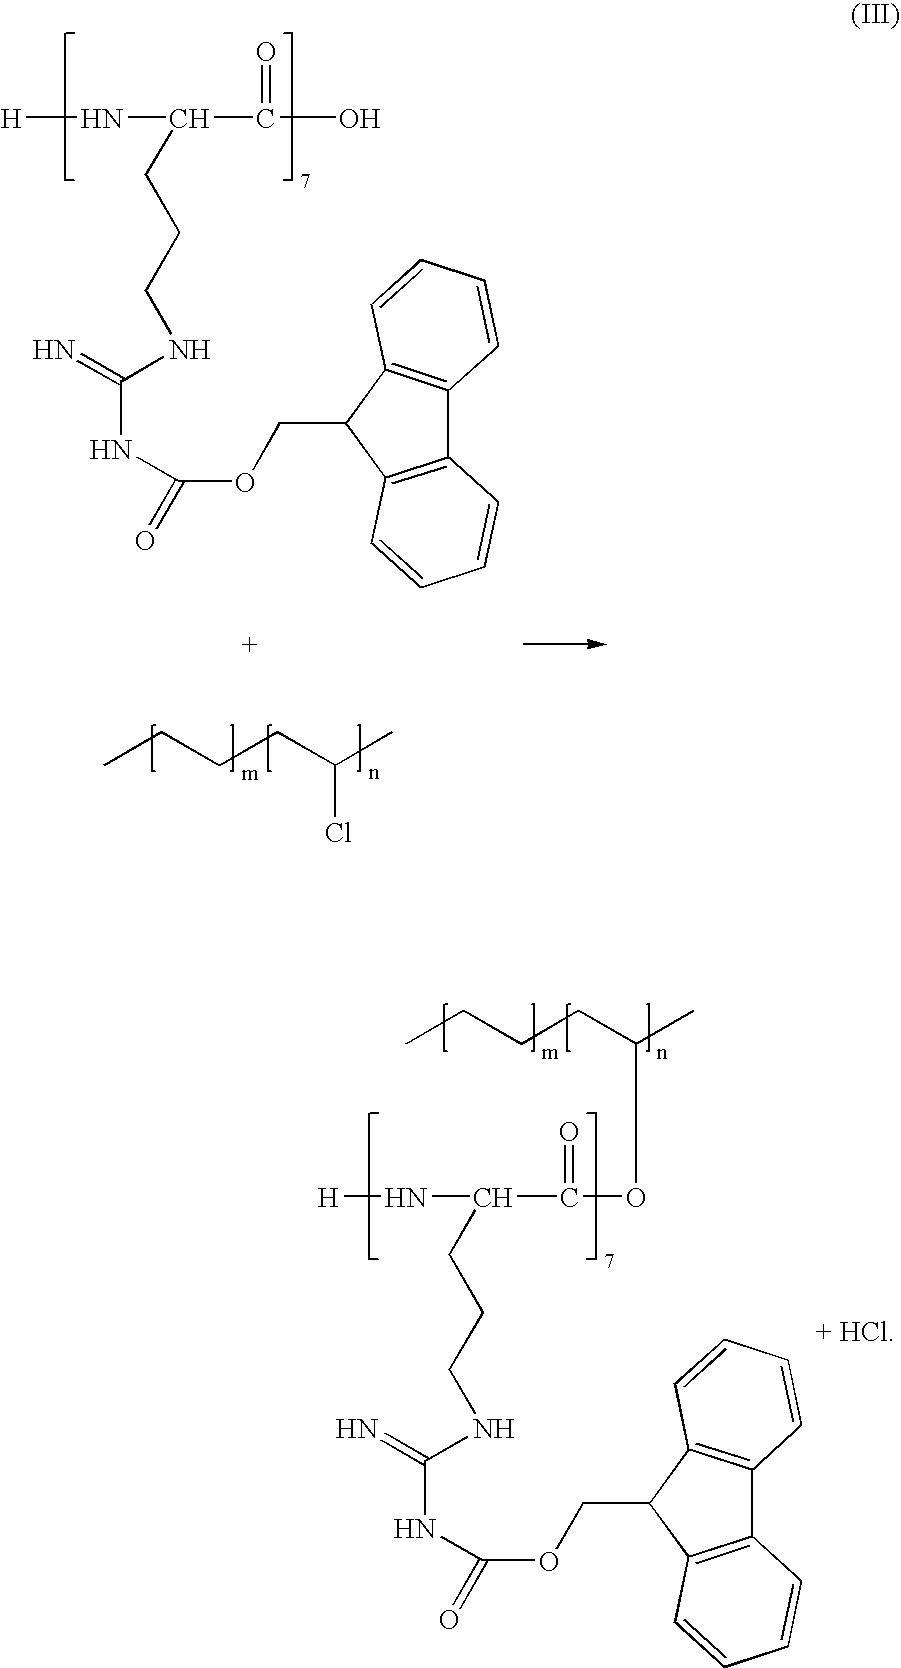 Figure US20060002974A1-20060105-C00002